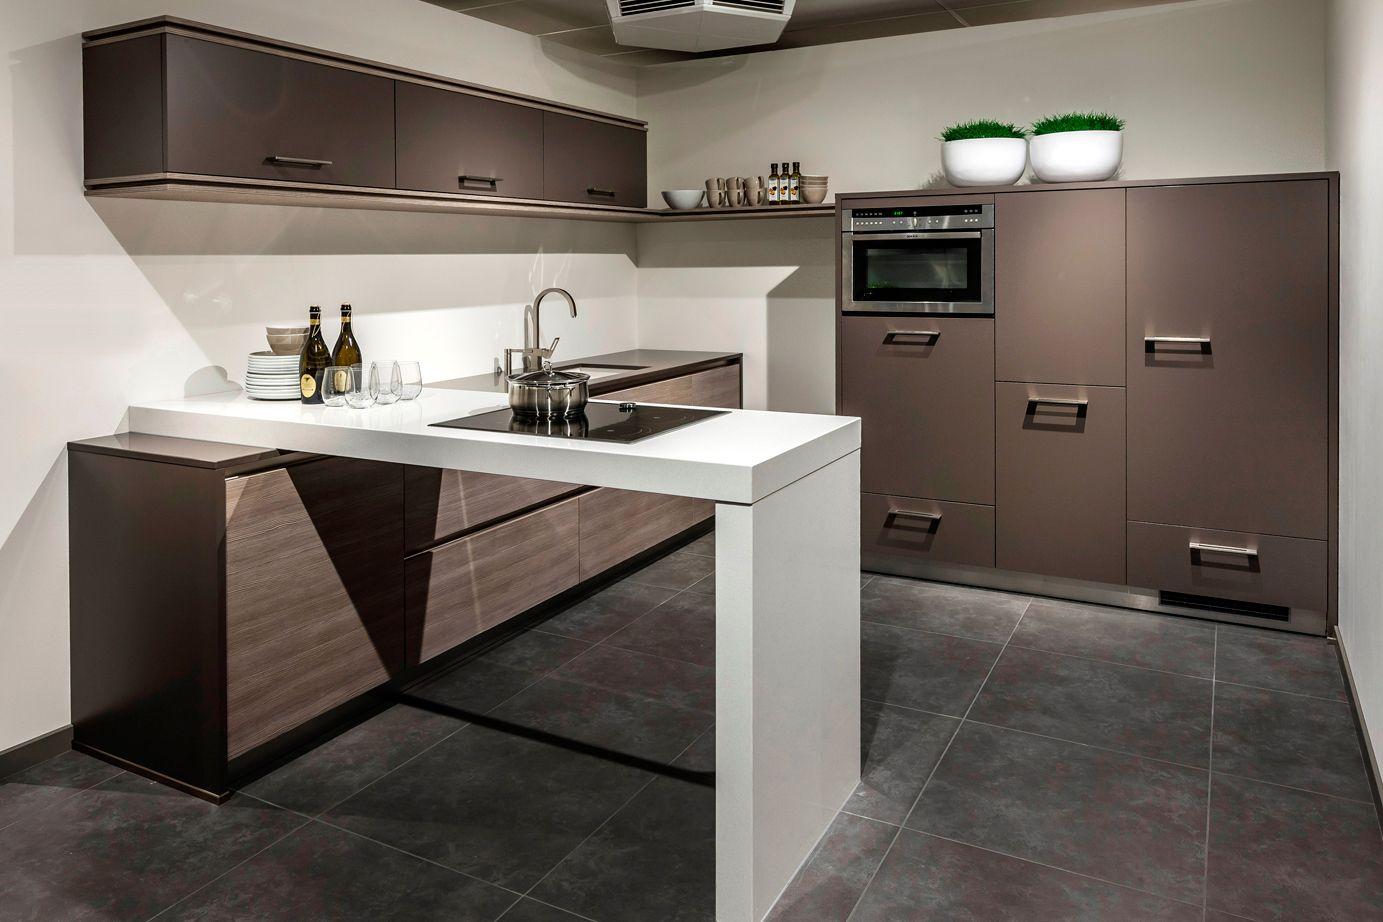 Moderne keuken dbkeukens kitchen pinterest keuken keukens en moderne keukens - Moderne kleine keuken ...